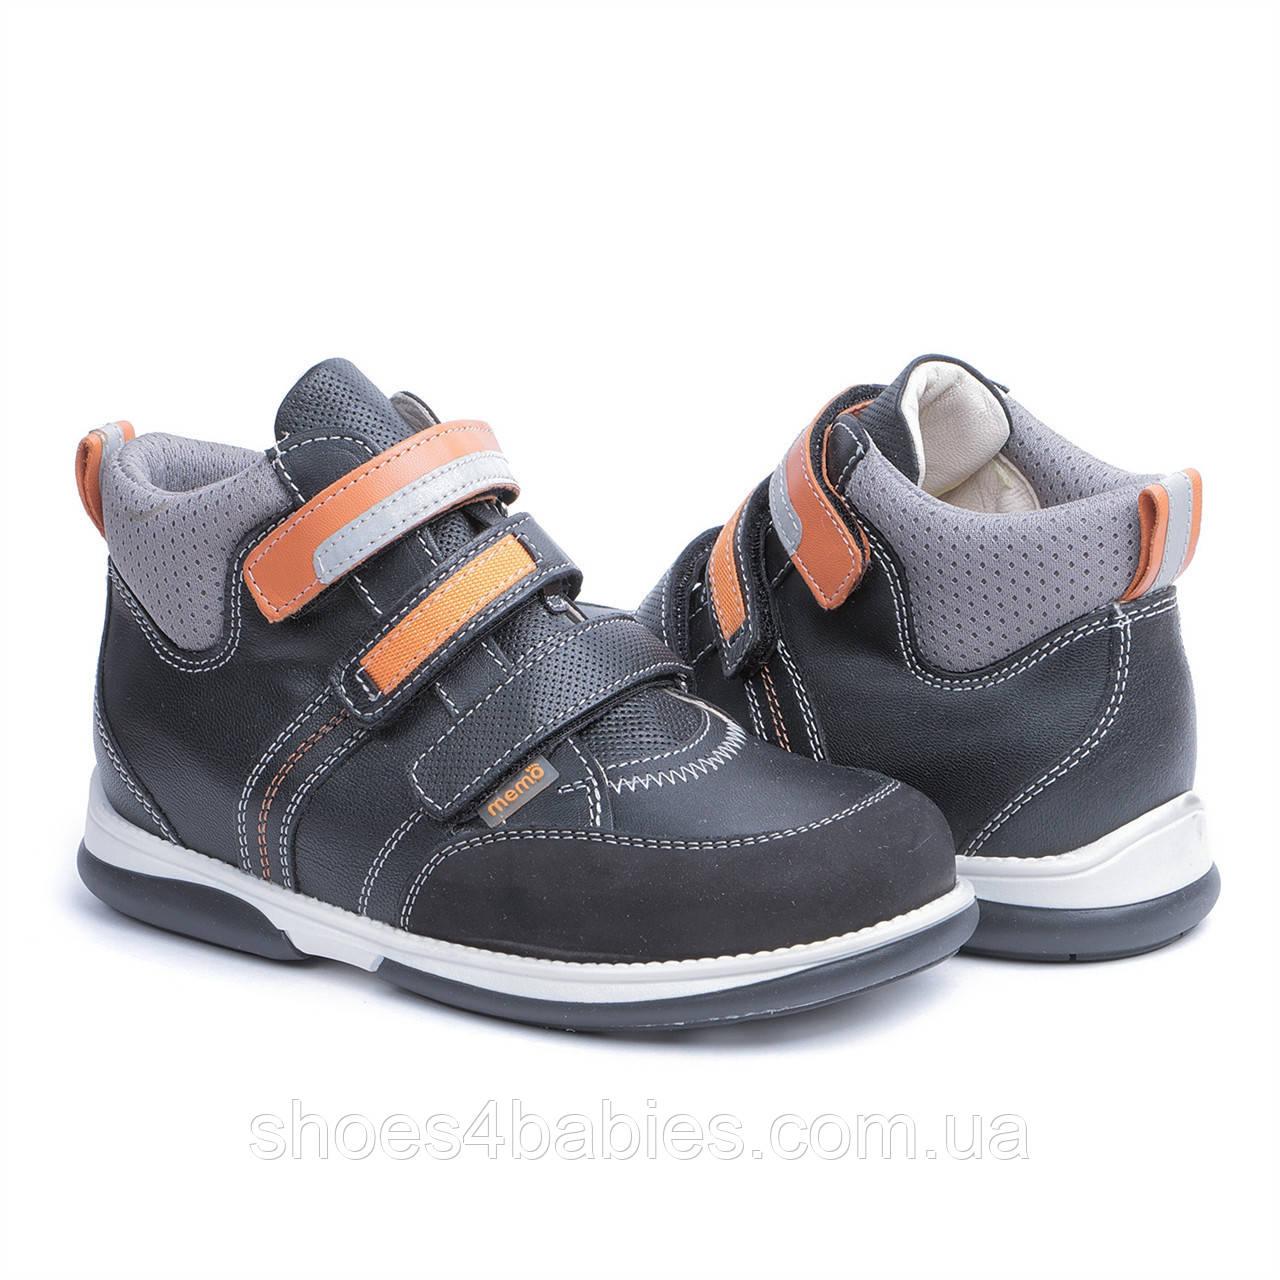 Memo Polo Чорно-помаранчеві - Дитячі ортопедичні кросівки 35